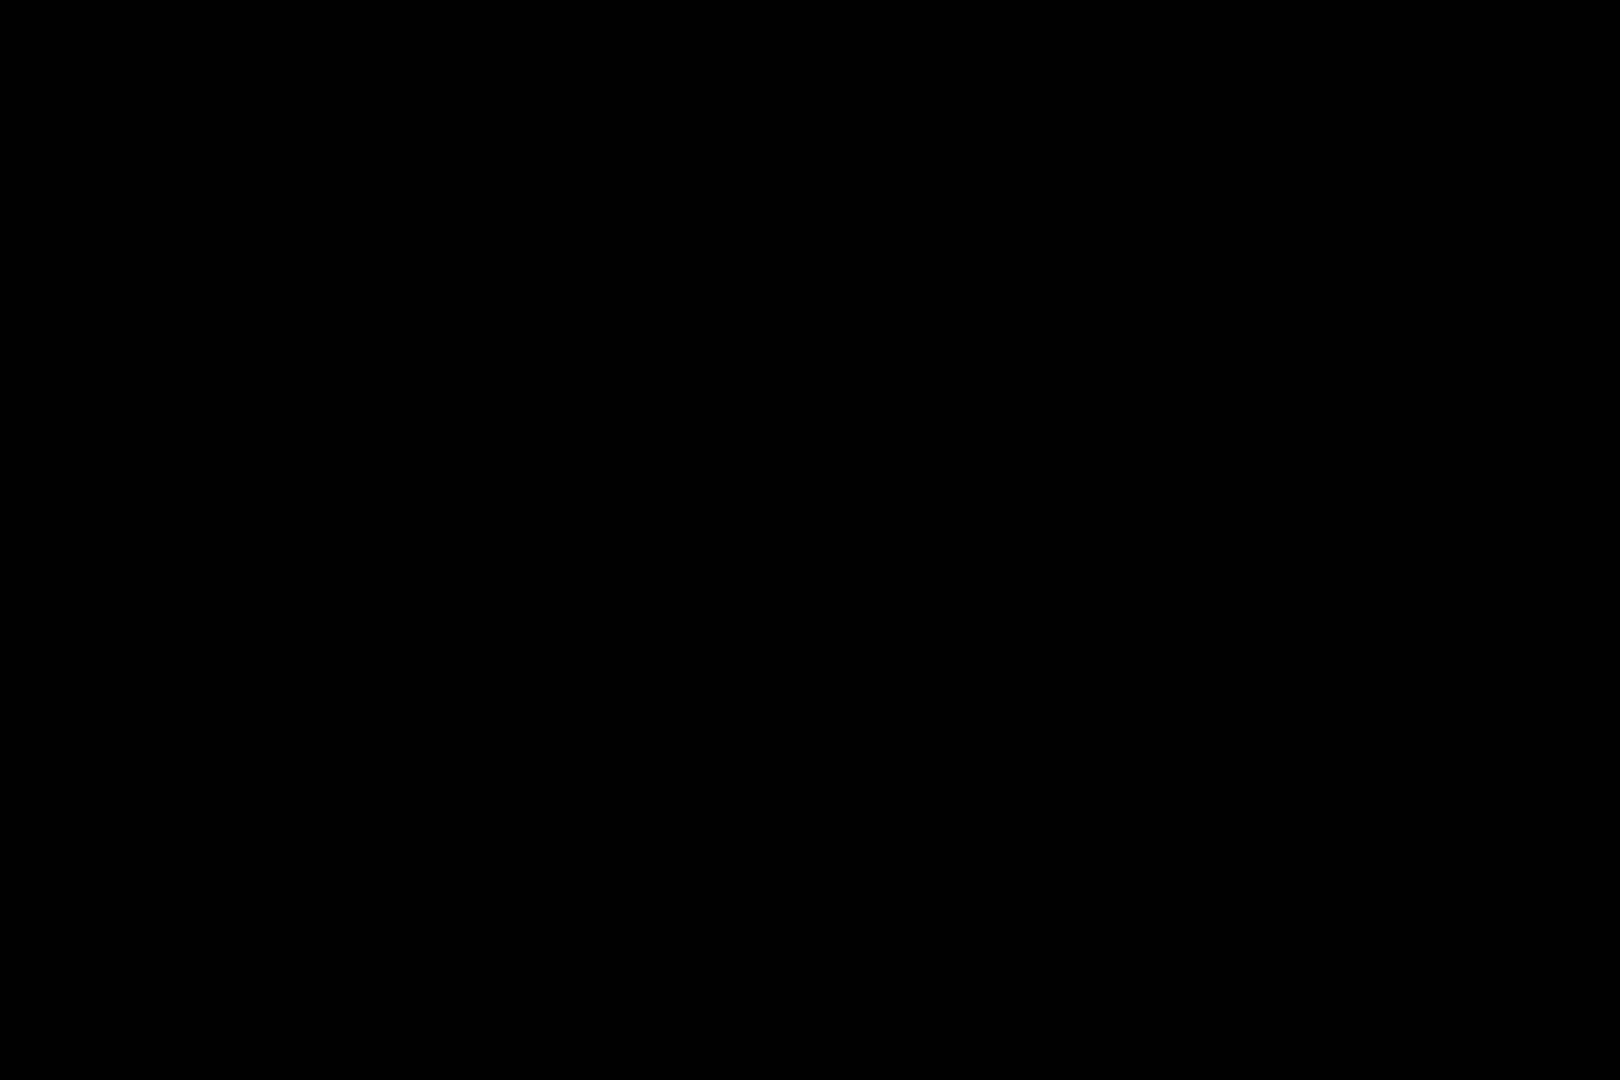 充血監督の深夜の運動会Vol.199 おまんこ  104PIX 78